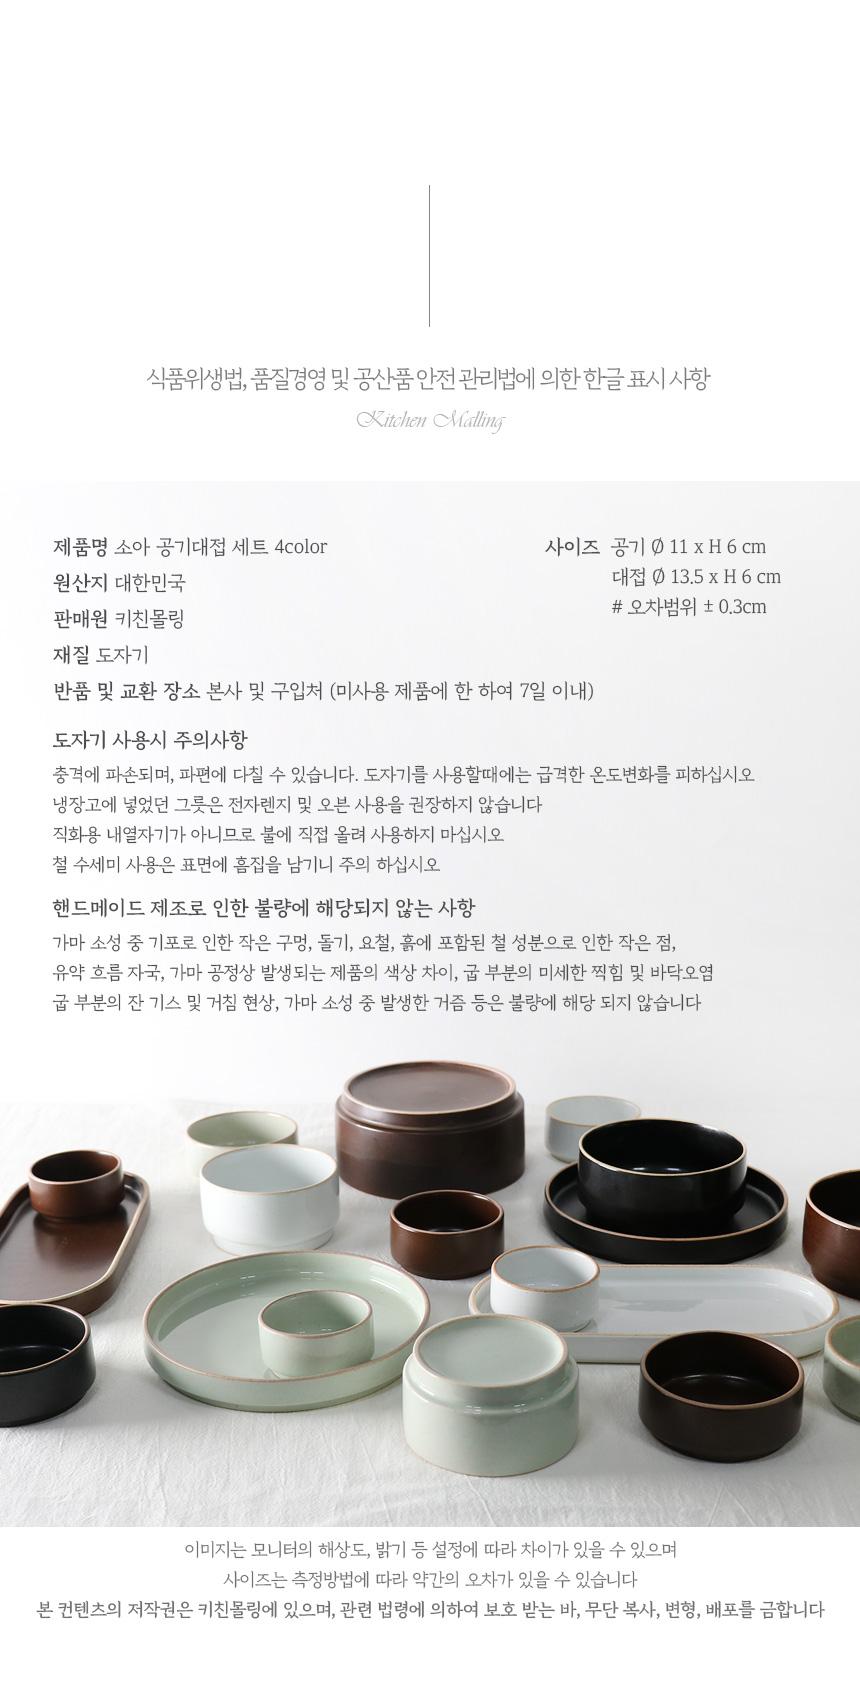 소아 공기 대접세트 - 키친몰링, 9,400원, 밥공기/국공기, 밥공기